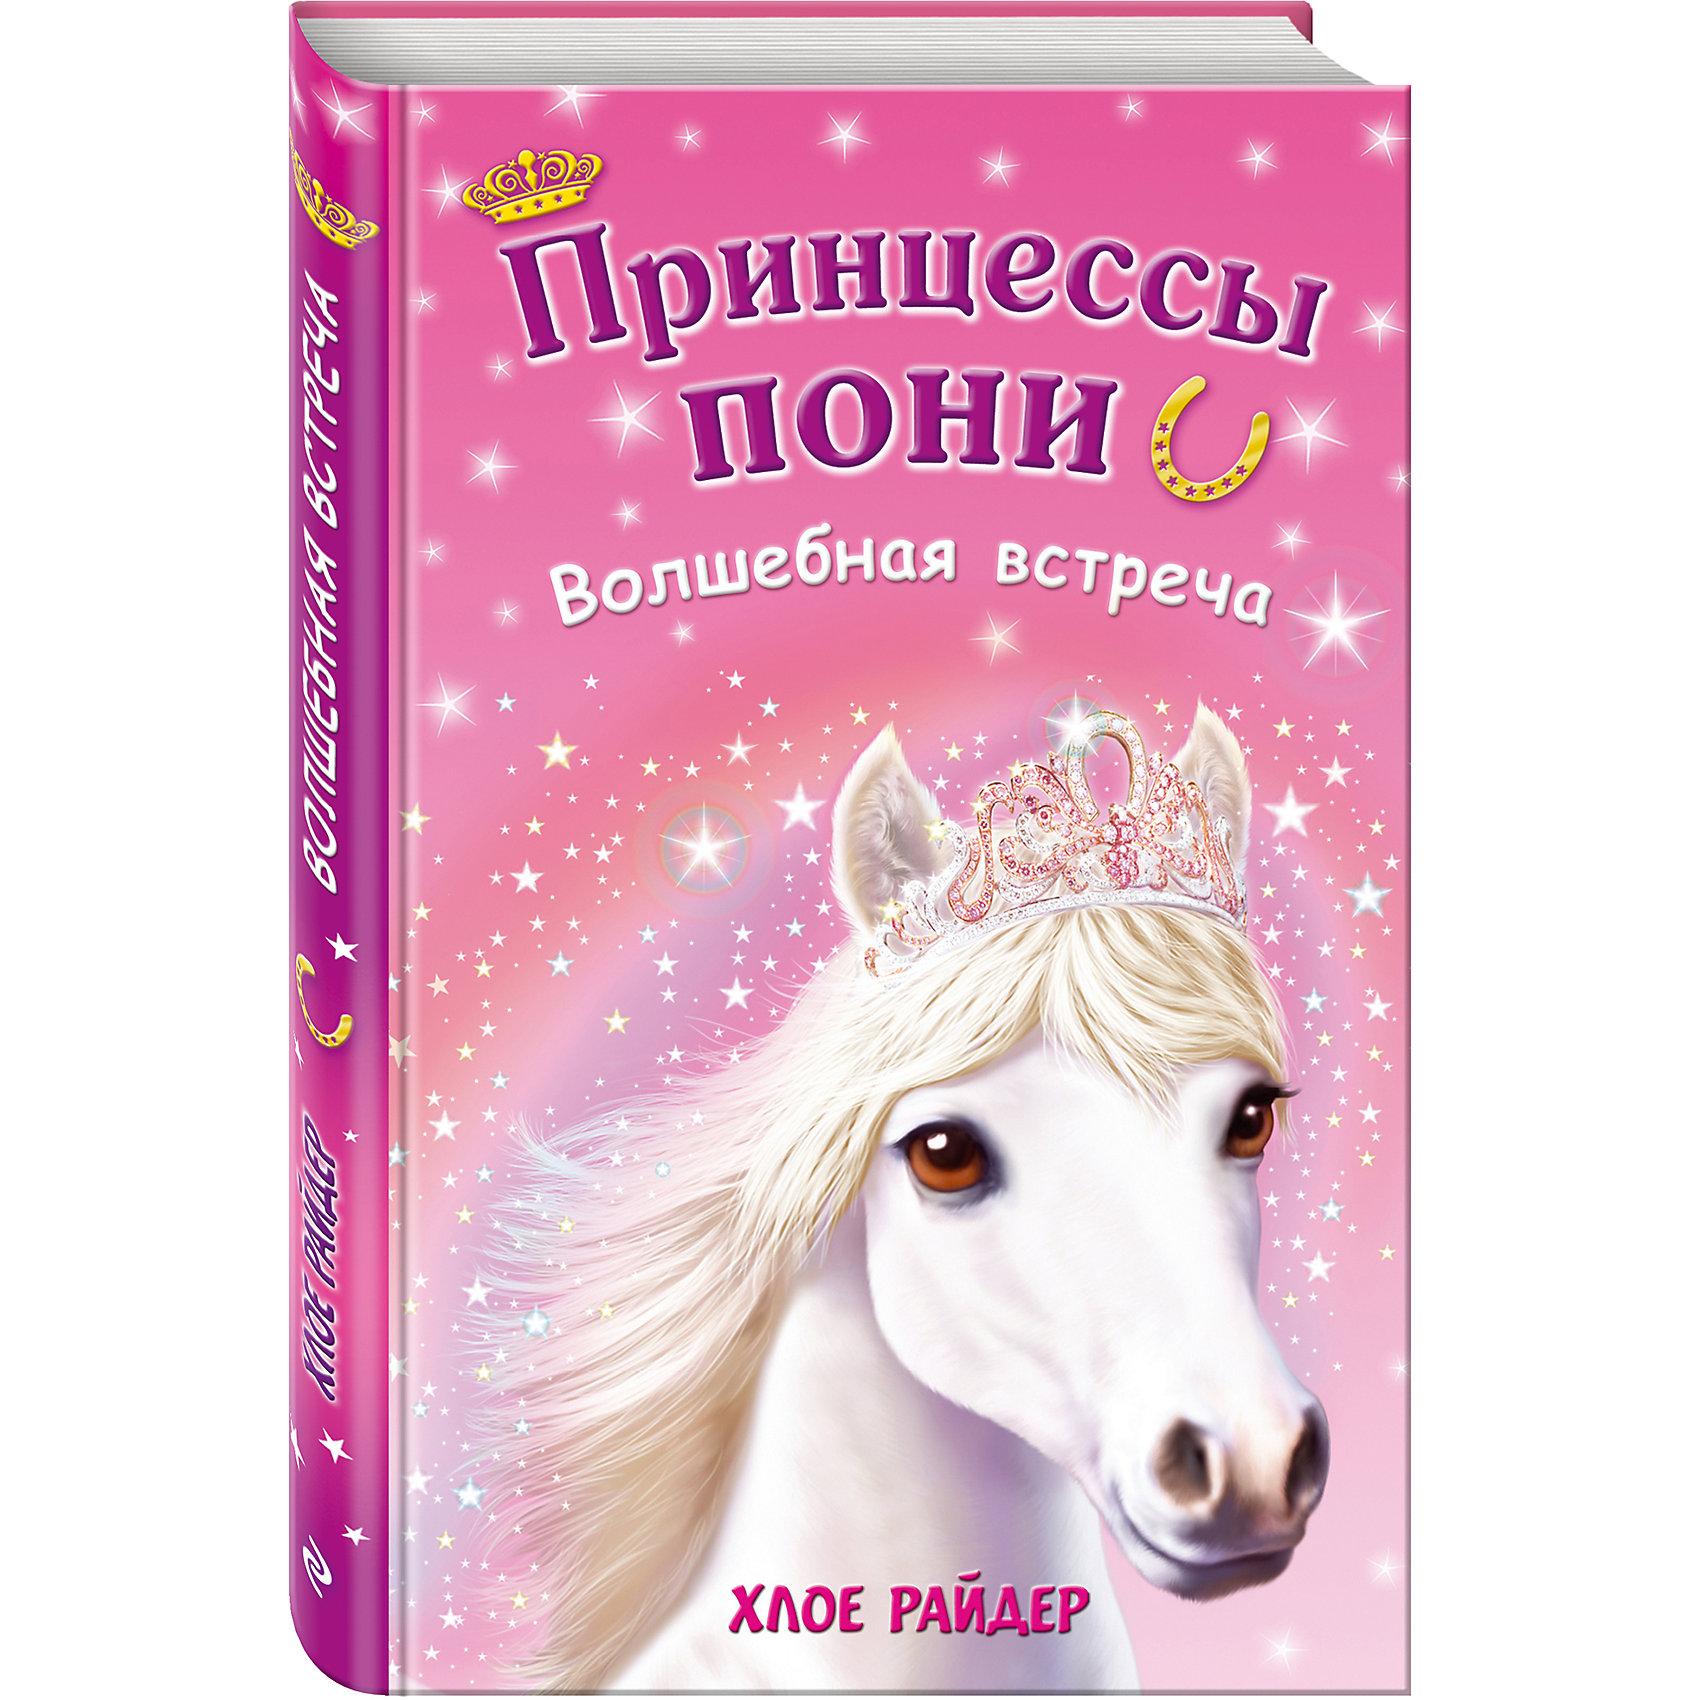 Волшебная встречаРассказы и повести<br>Привет! Меня зовут Пиппа, и я люблю лошадей. Я просила маму купить мне пони, но оказалось, что это невозможно. Зато теперь я познакомилась с самыми настоящими волшебными пони и меня ждут удивительные приключения!<br><br>В далекой-далекой стране Шевалии, населенной говорящими пони, случилась беда. Кто-то украл восемь магических золотых подков. Без них королевству грозит исчезновение. Неожиданно на каникулах девочка по имени Пиппа узнает, что она избранная и должна отправиться на остров пони, чтобы помочь его обитателям. Пустившись в путешествие по морю на гигантских морских коньках, Пиппа попадает в страну, куда до нее никогда не ступала нога человека и находит новых волшебных друзей.<br><br>Ширина мм: 220<br>Глубина мм: 140<br>Высота мм: 10<br>Вес г: 277<br>Возраст от месяцев: 72<br>Возраст до месяцев: 144<br>Пол: Унисекс<br>Возраст: Детский<br>SKU: 6878113